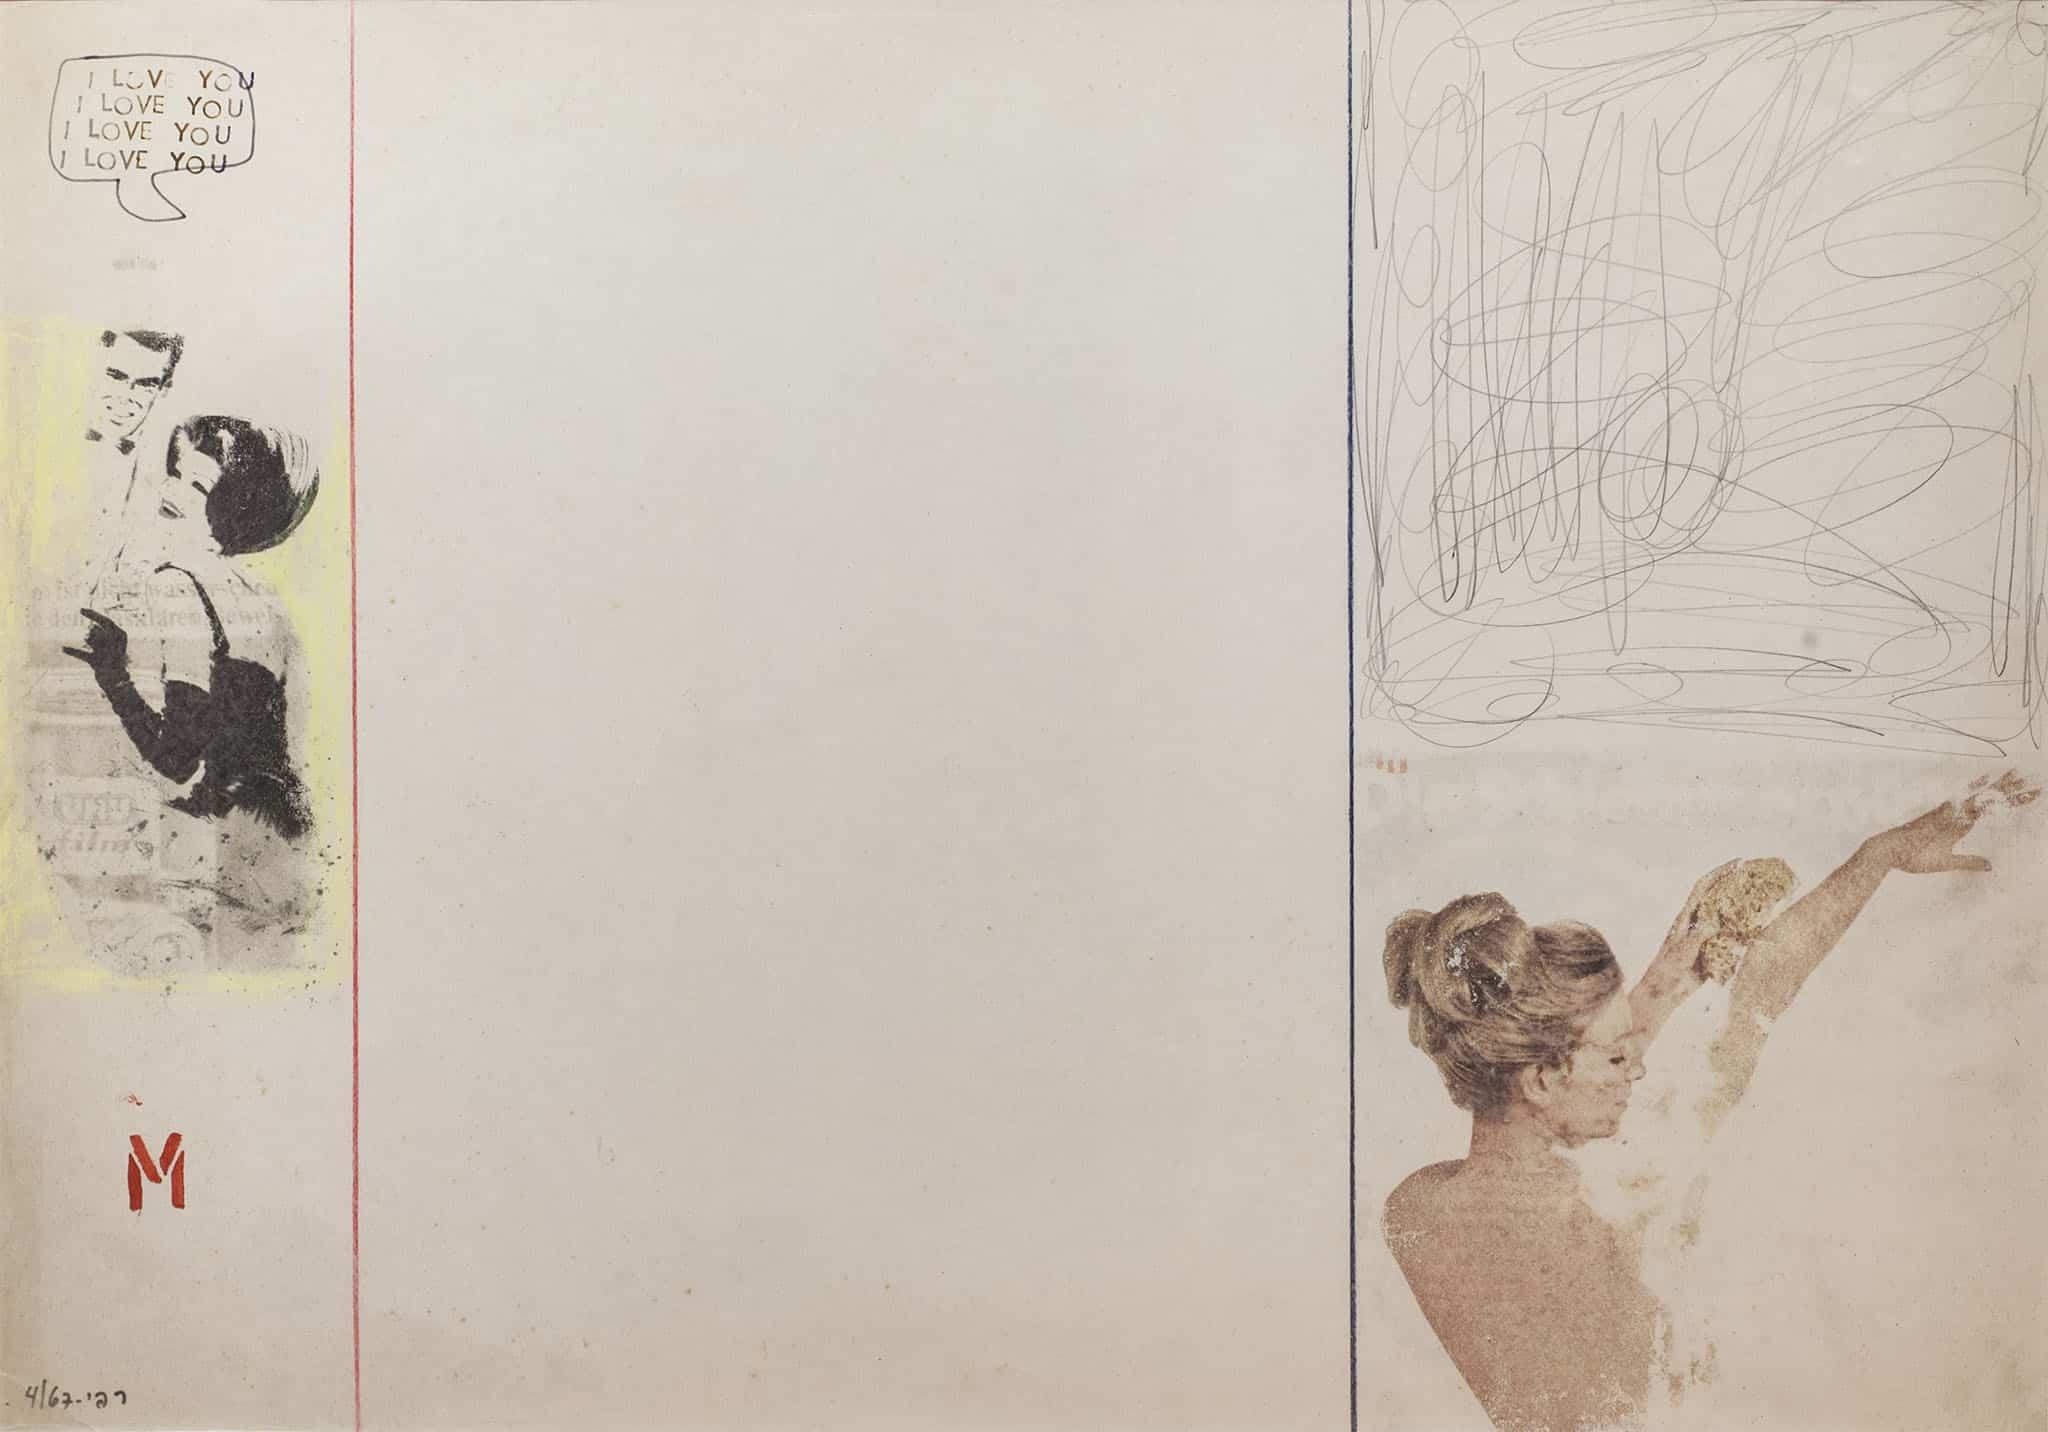 """רפי לביא, 1967, טכניקה מעורבת על נייר, 70x50 ס""""מ"""